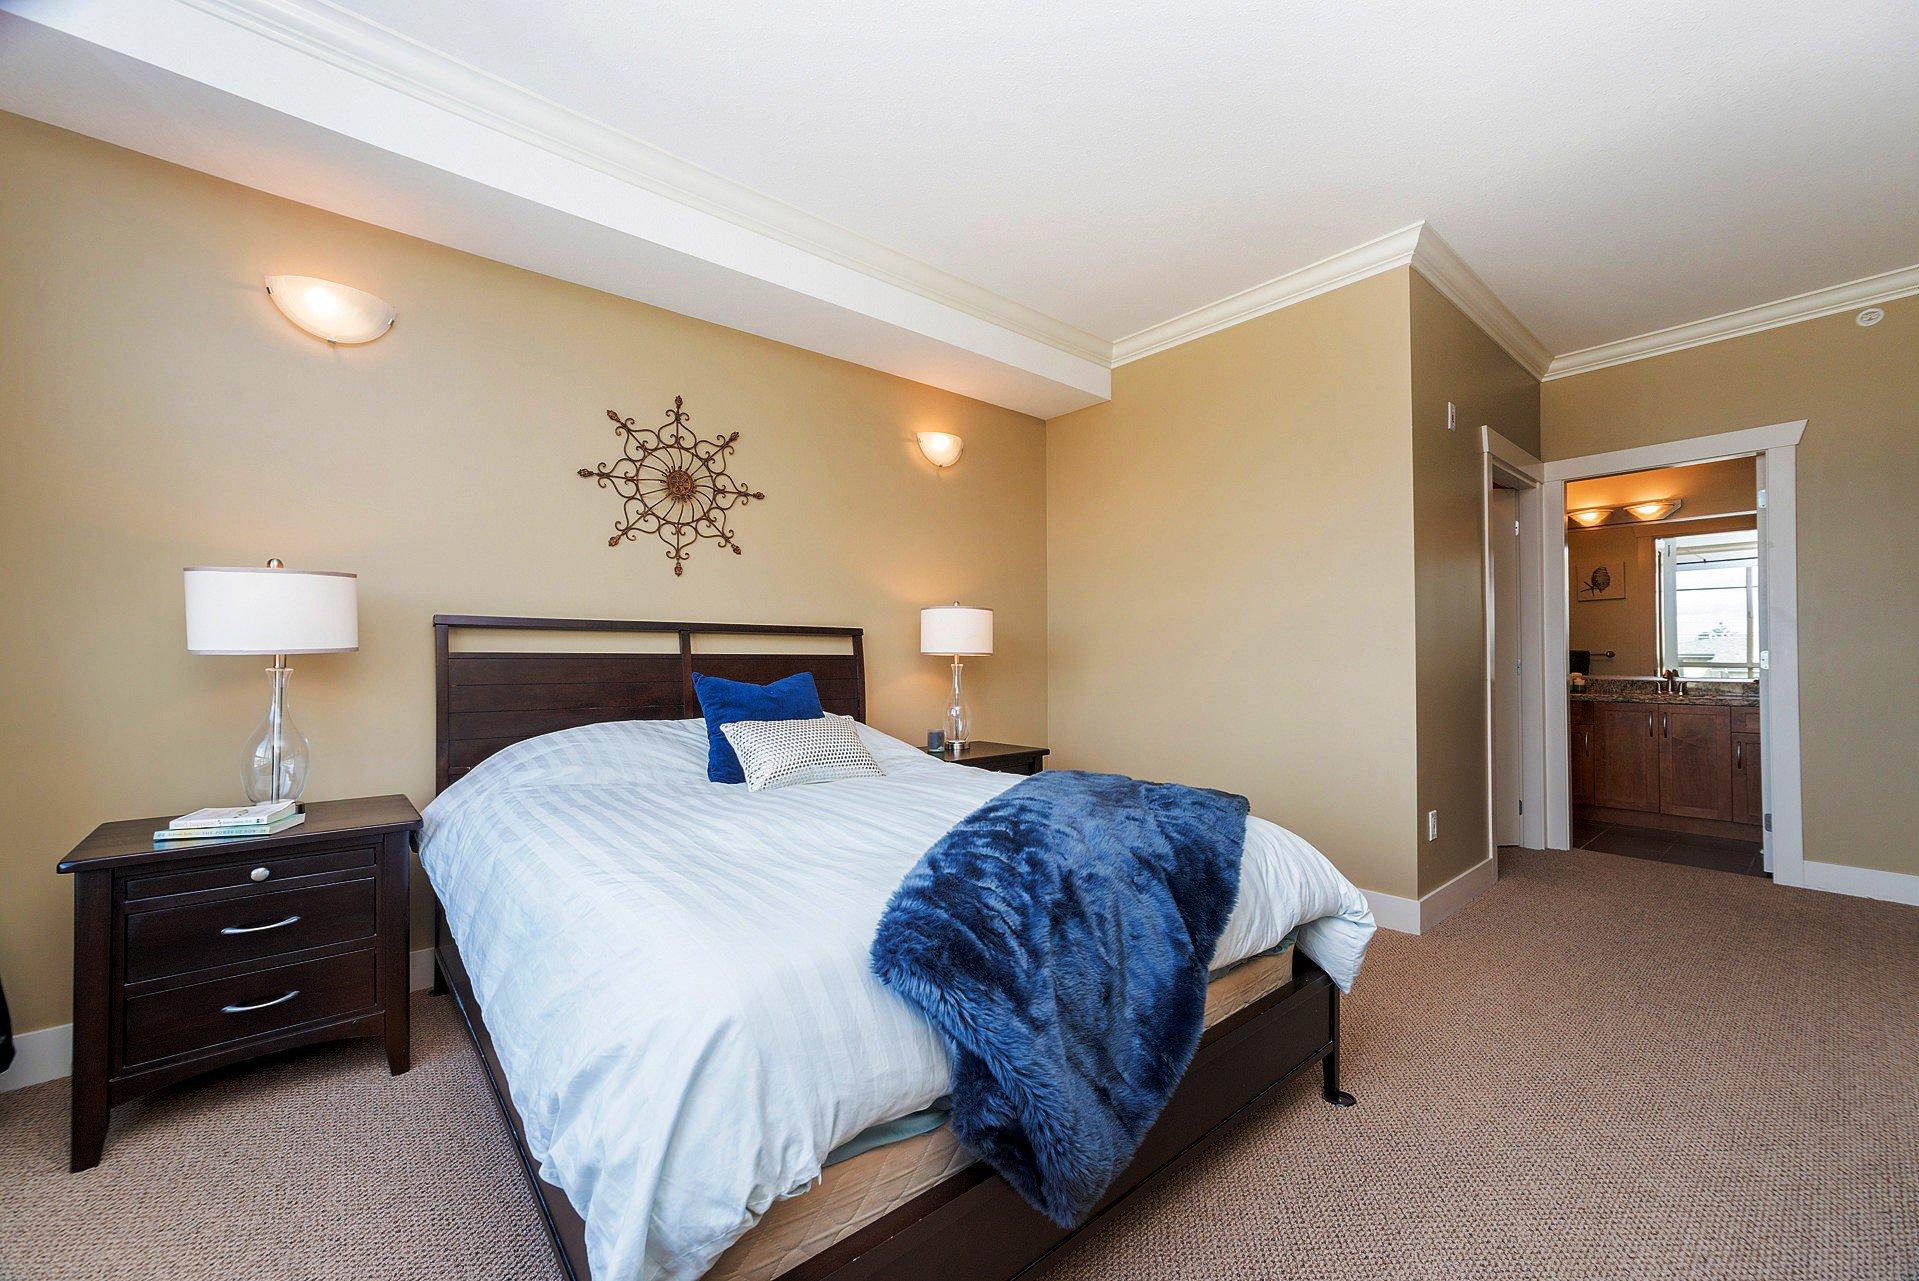 """Photo 15: Photos: 408 15368 17A Avenue in Surrey: King George Corridor Condo for sale in """"OCEAN WYNDE"""" (South Surrey White Rock)  : MLS®# R2249492"""